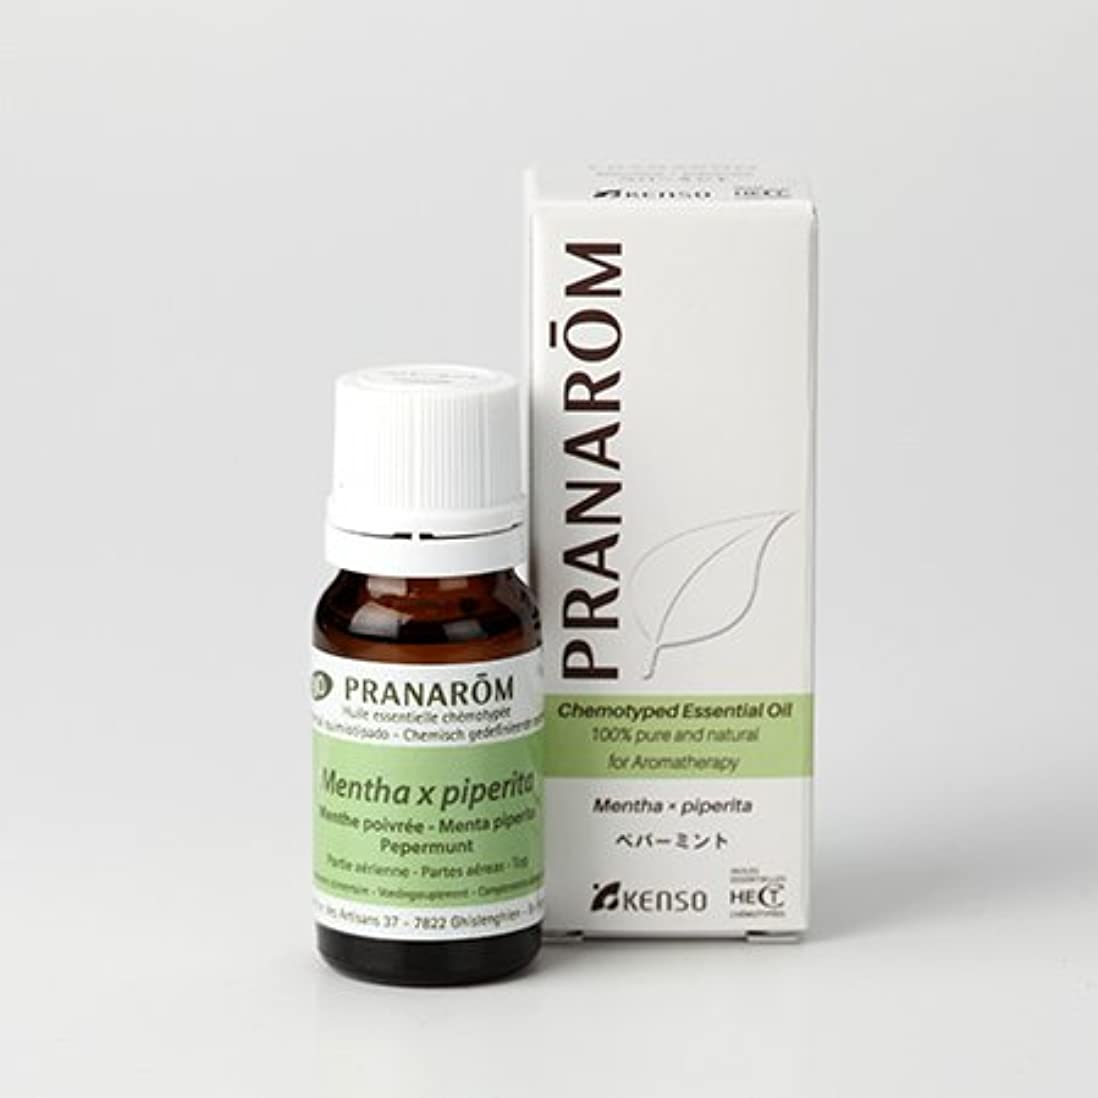 報奨金ファイバ打ち負かすプラナロム ( PRANAROM ) 精油 ペパーミント 10ml p-119